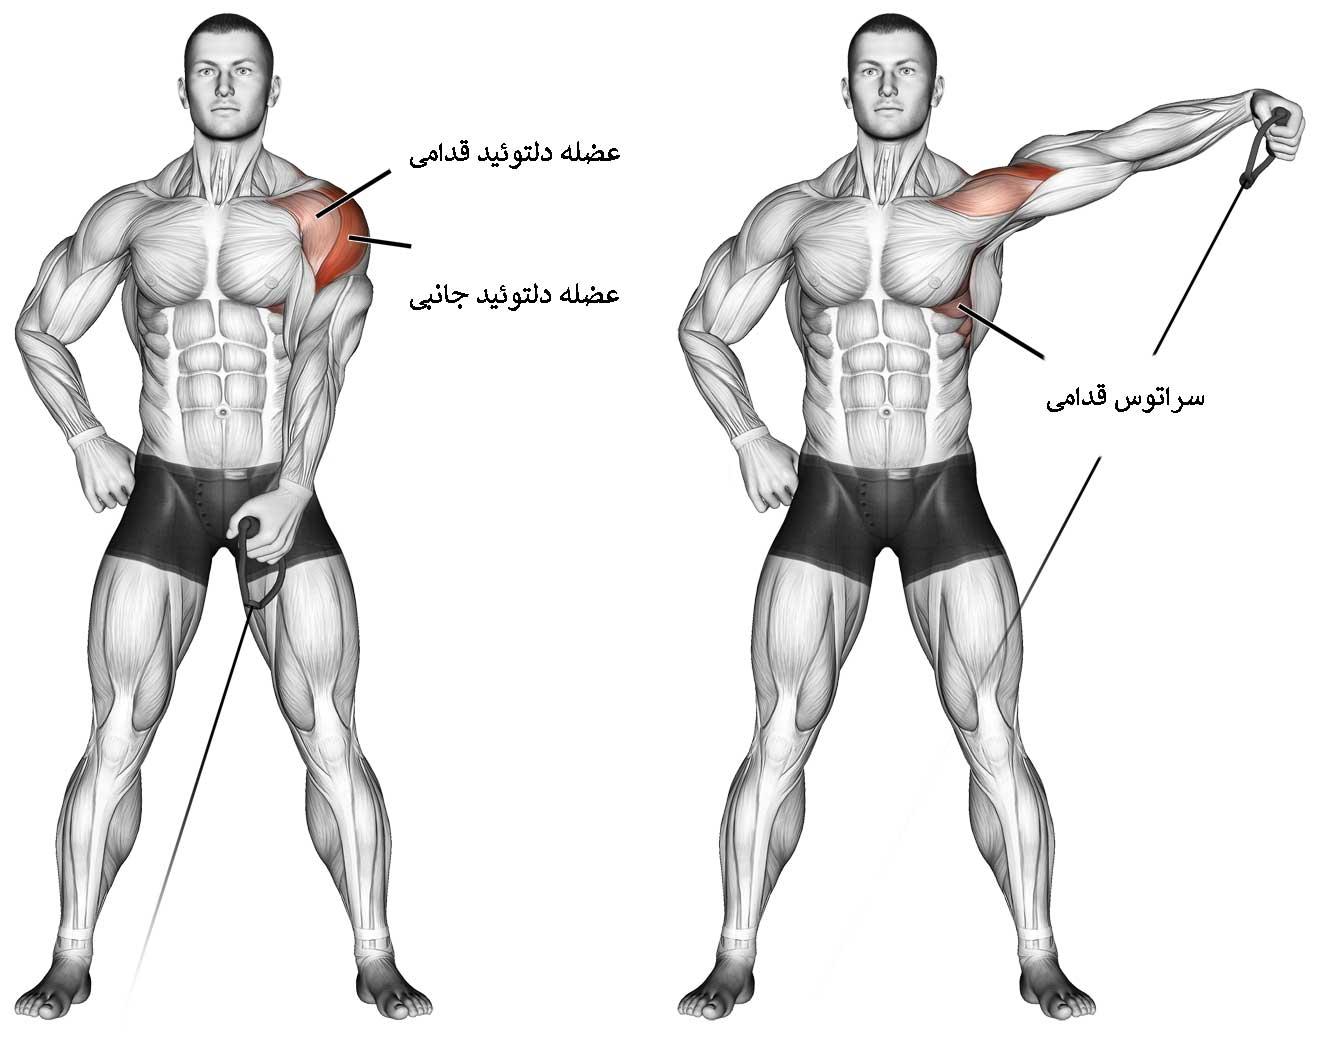 آناتومی عضلات سرشانه در تمرین نشر از جانب